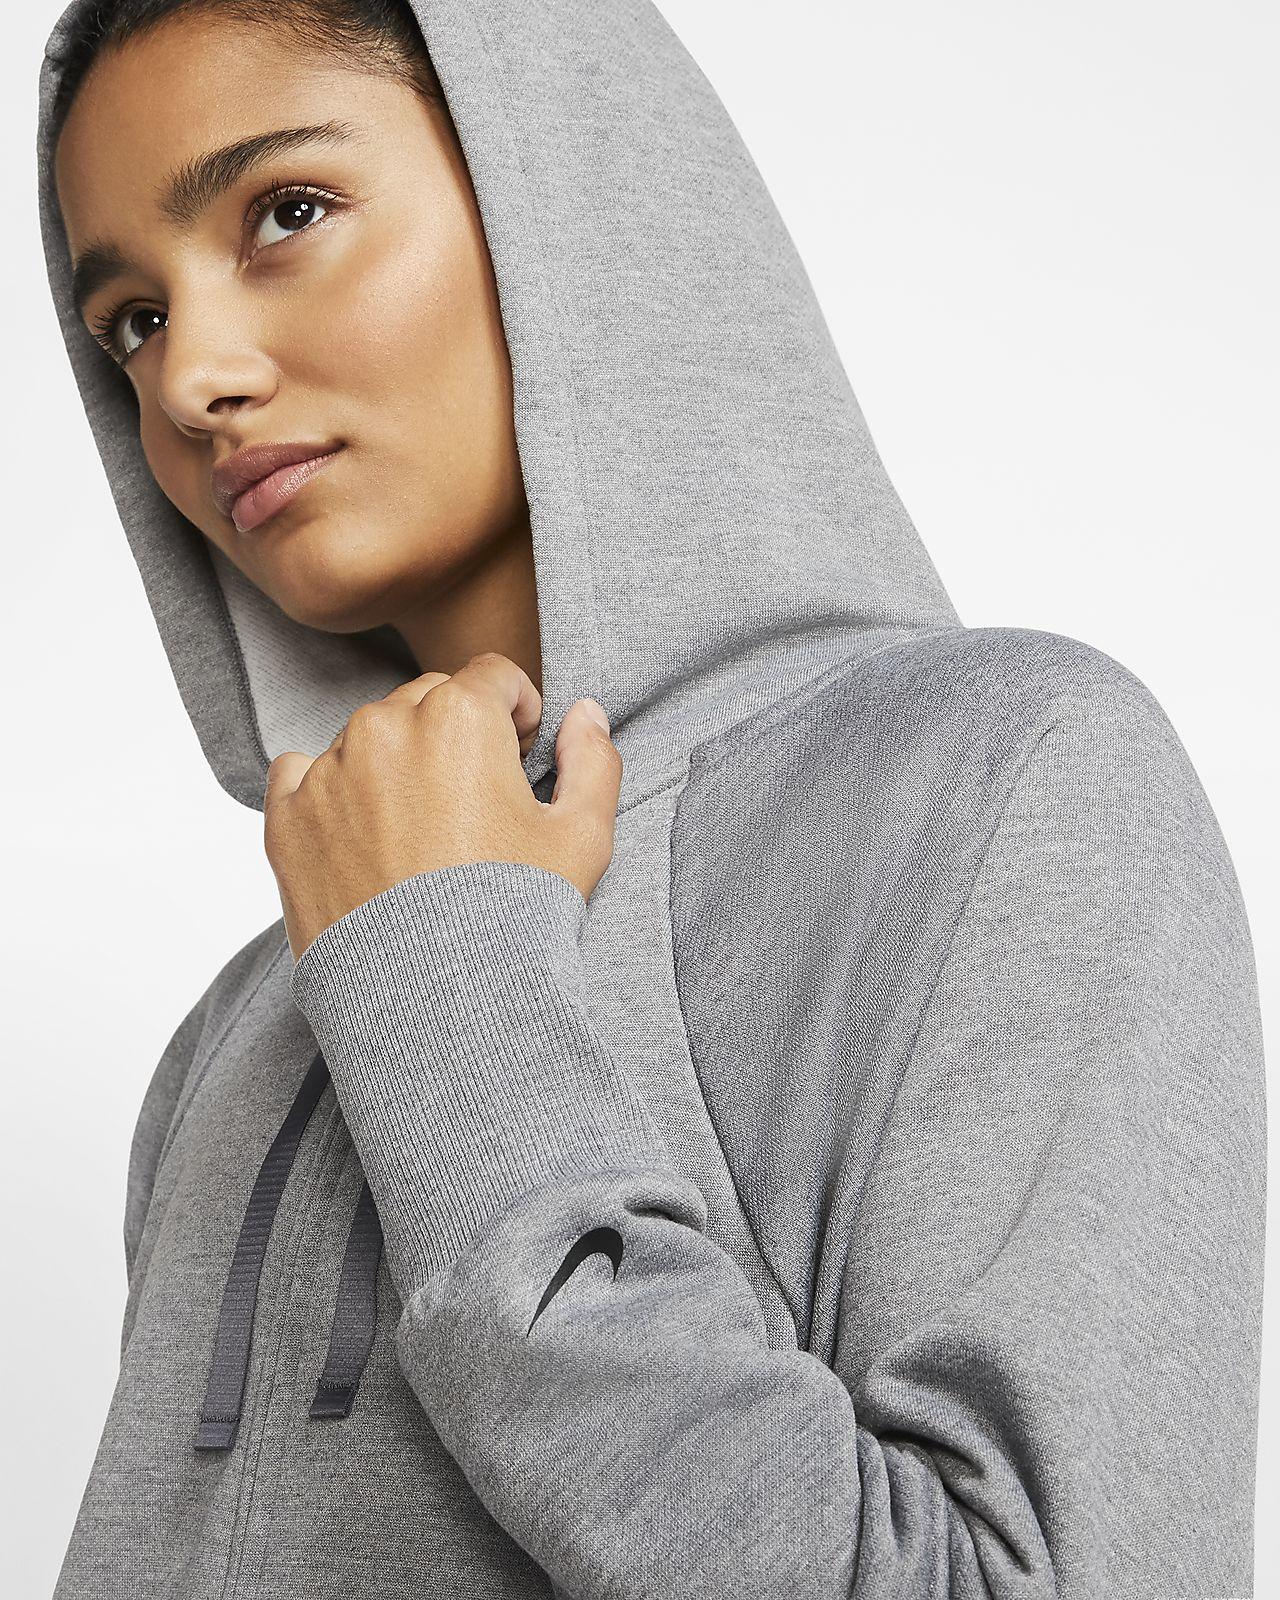 Nike Dri FIT Get Fit Full Zip Women's Training Hoodie in